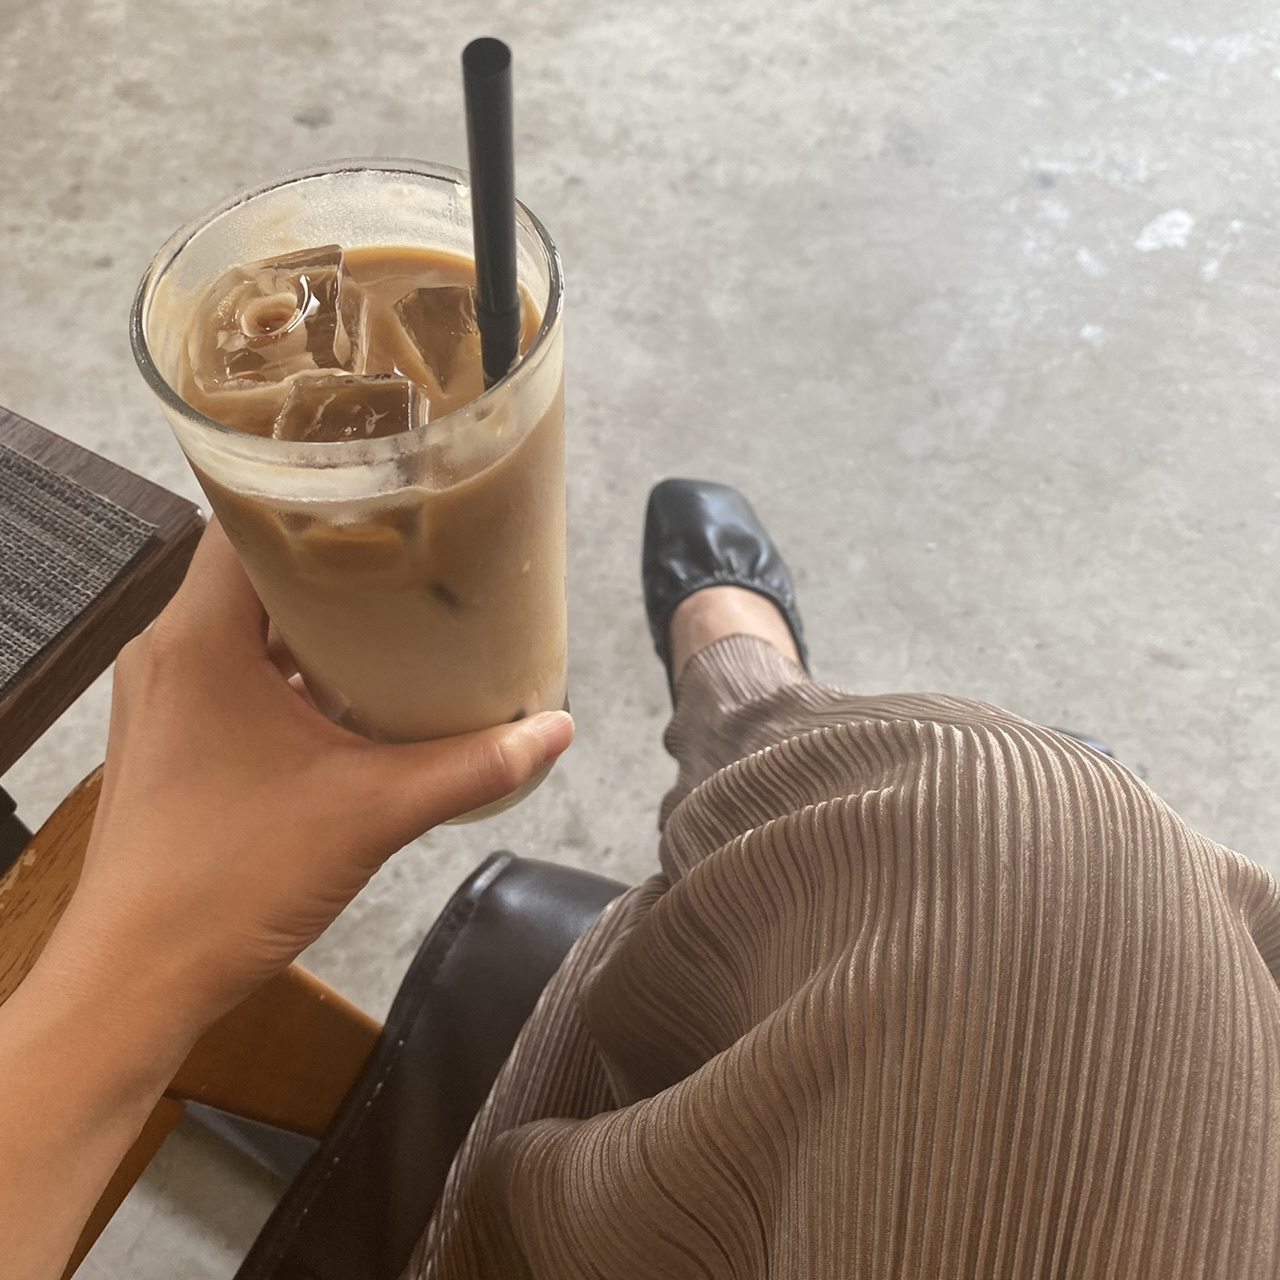 【北新宿カフェ】のんびりひとり時間を過ごすならココ!おすすめコーヒースタンドをご紹介★_5